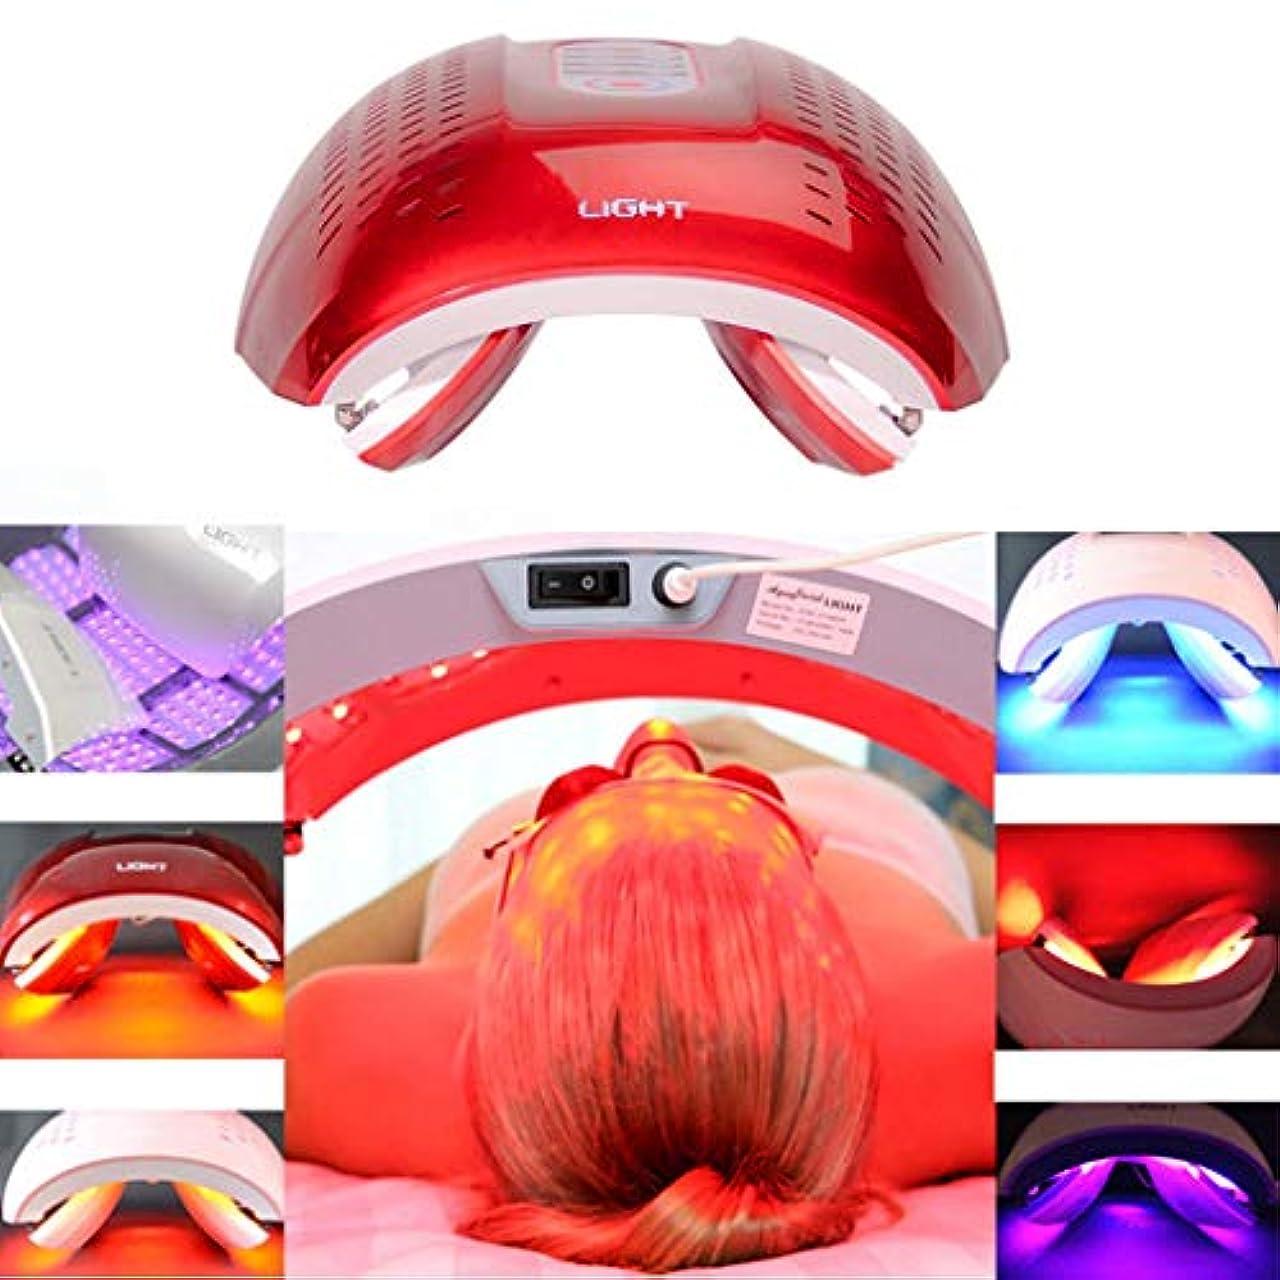 バルブ論理的強度LED光子の顔の若返りの美の器械、4色PDTの分光計、肌の引き締め美白の強化,Red